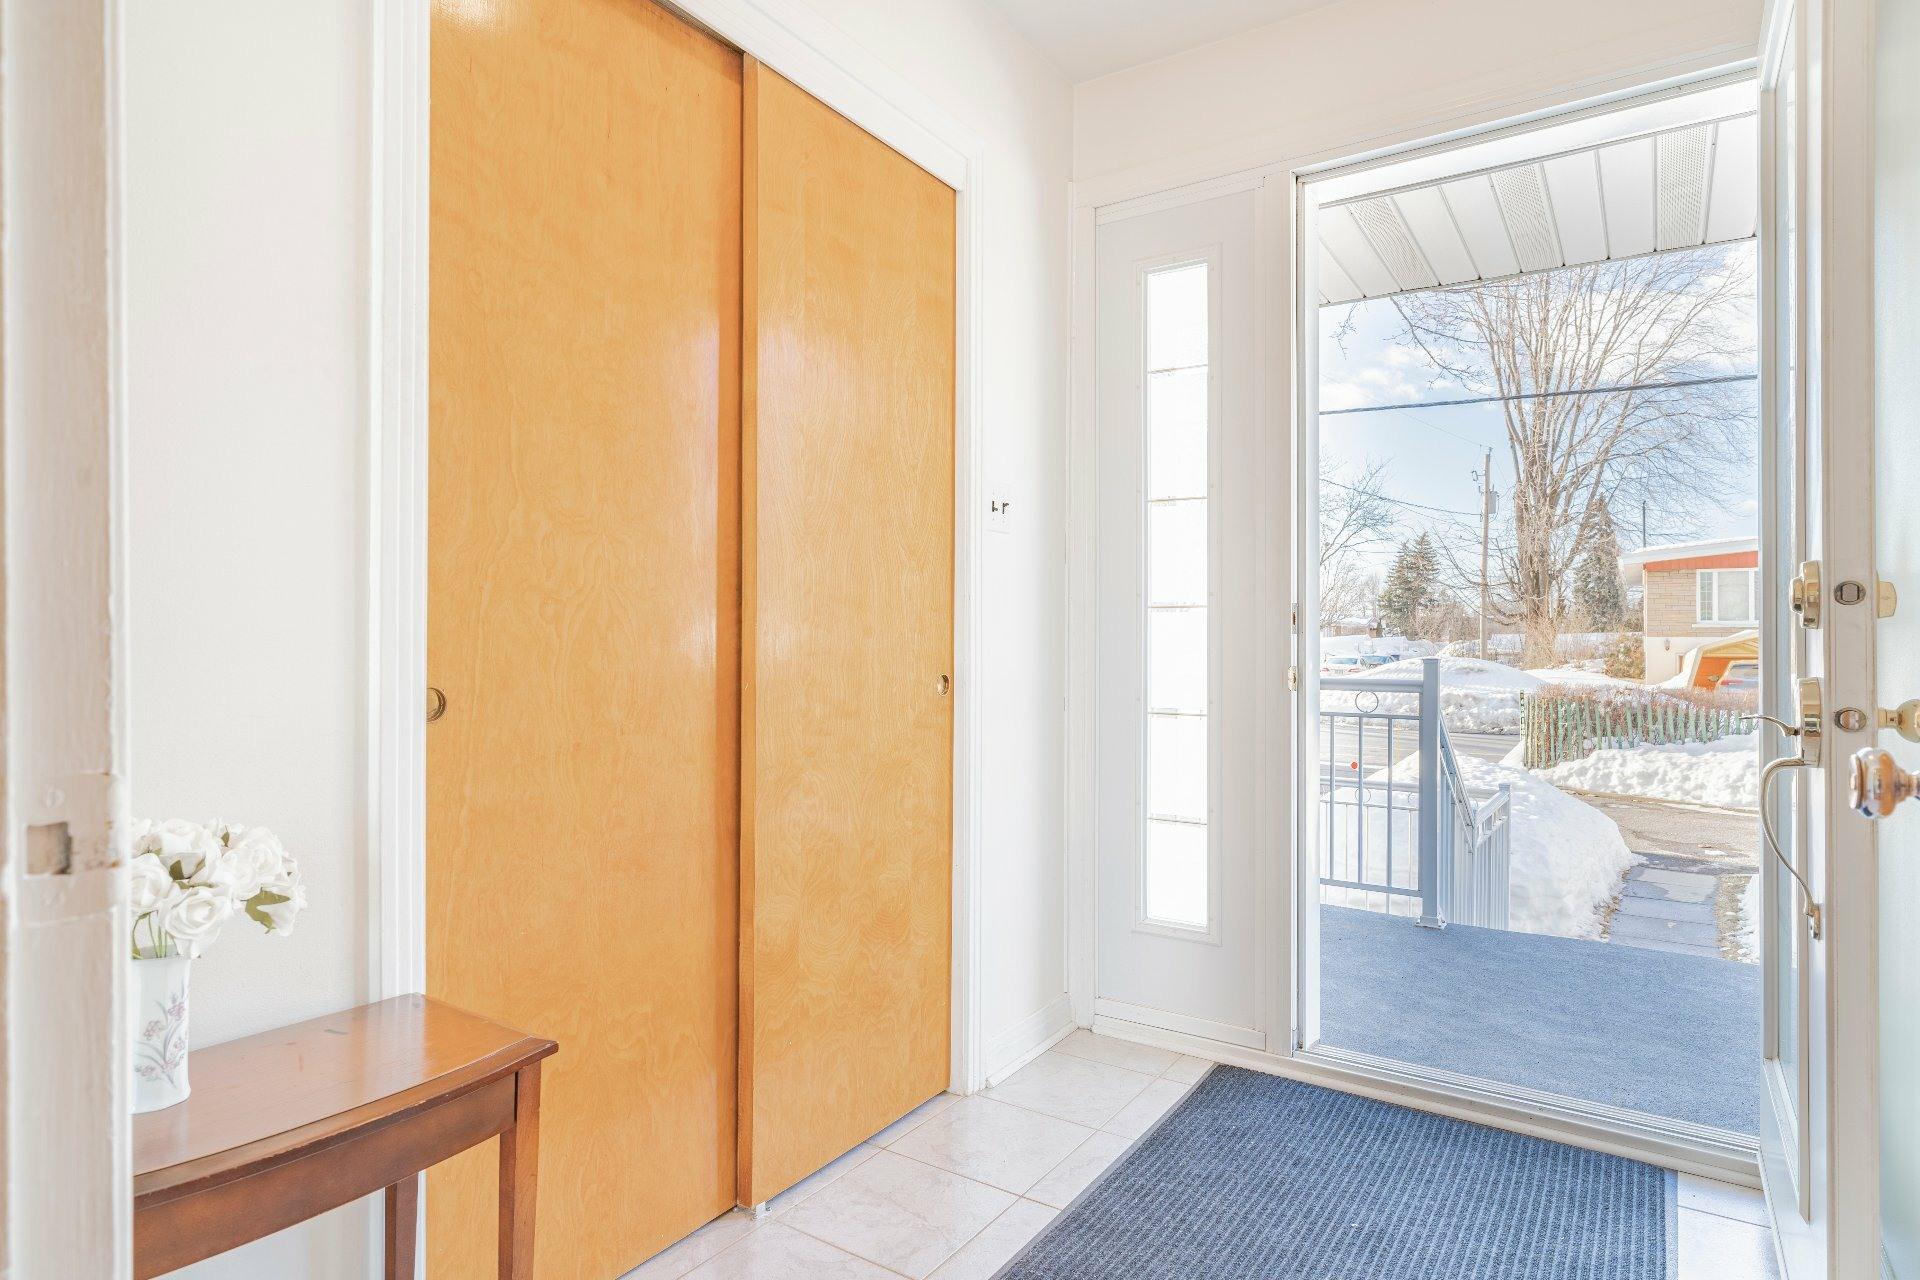 image 4 - Maison À vendre Duvernay Laval  - 9 pièces